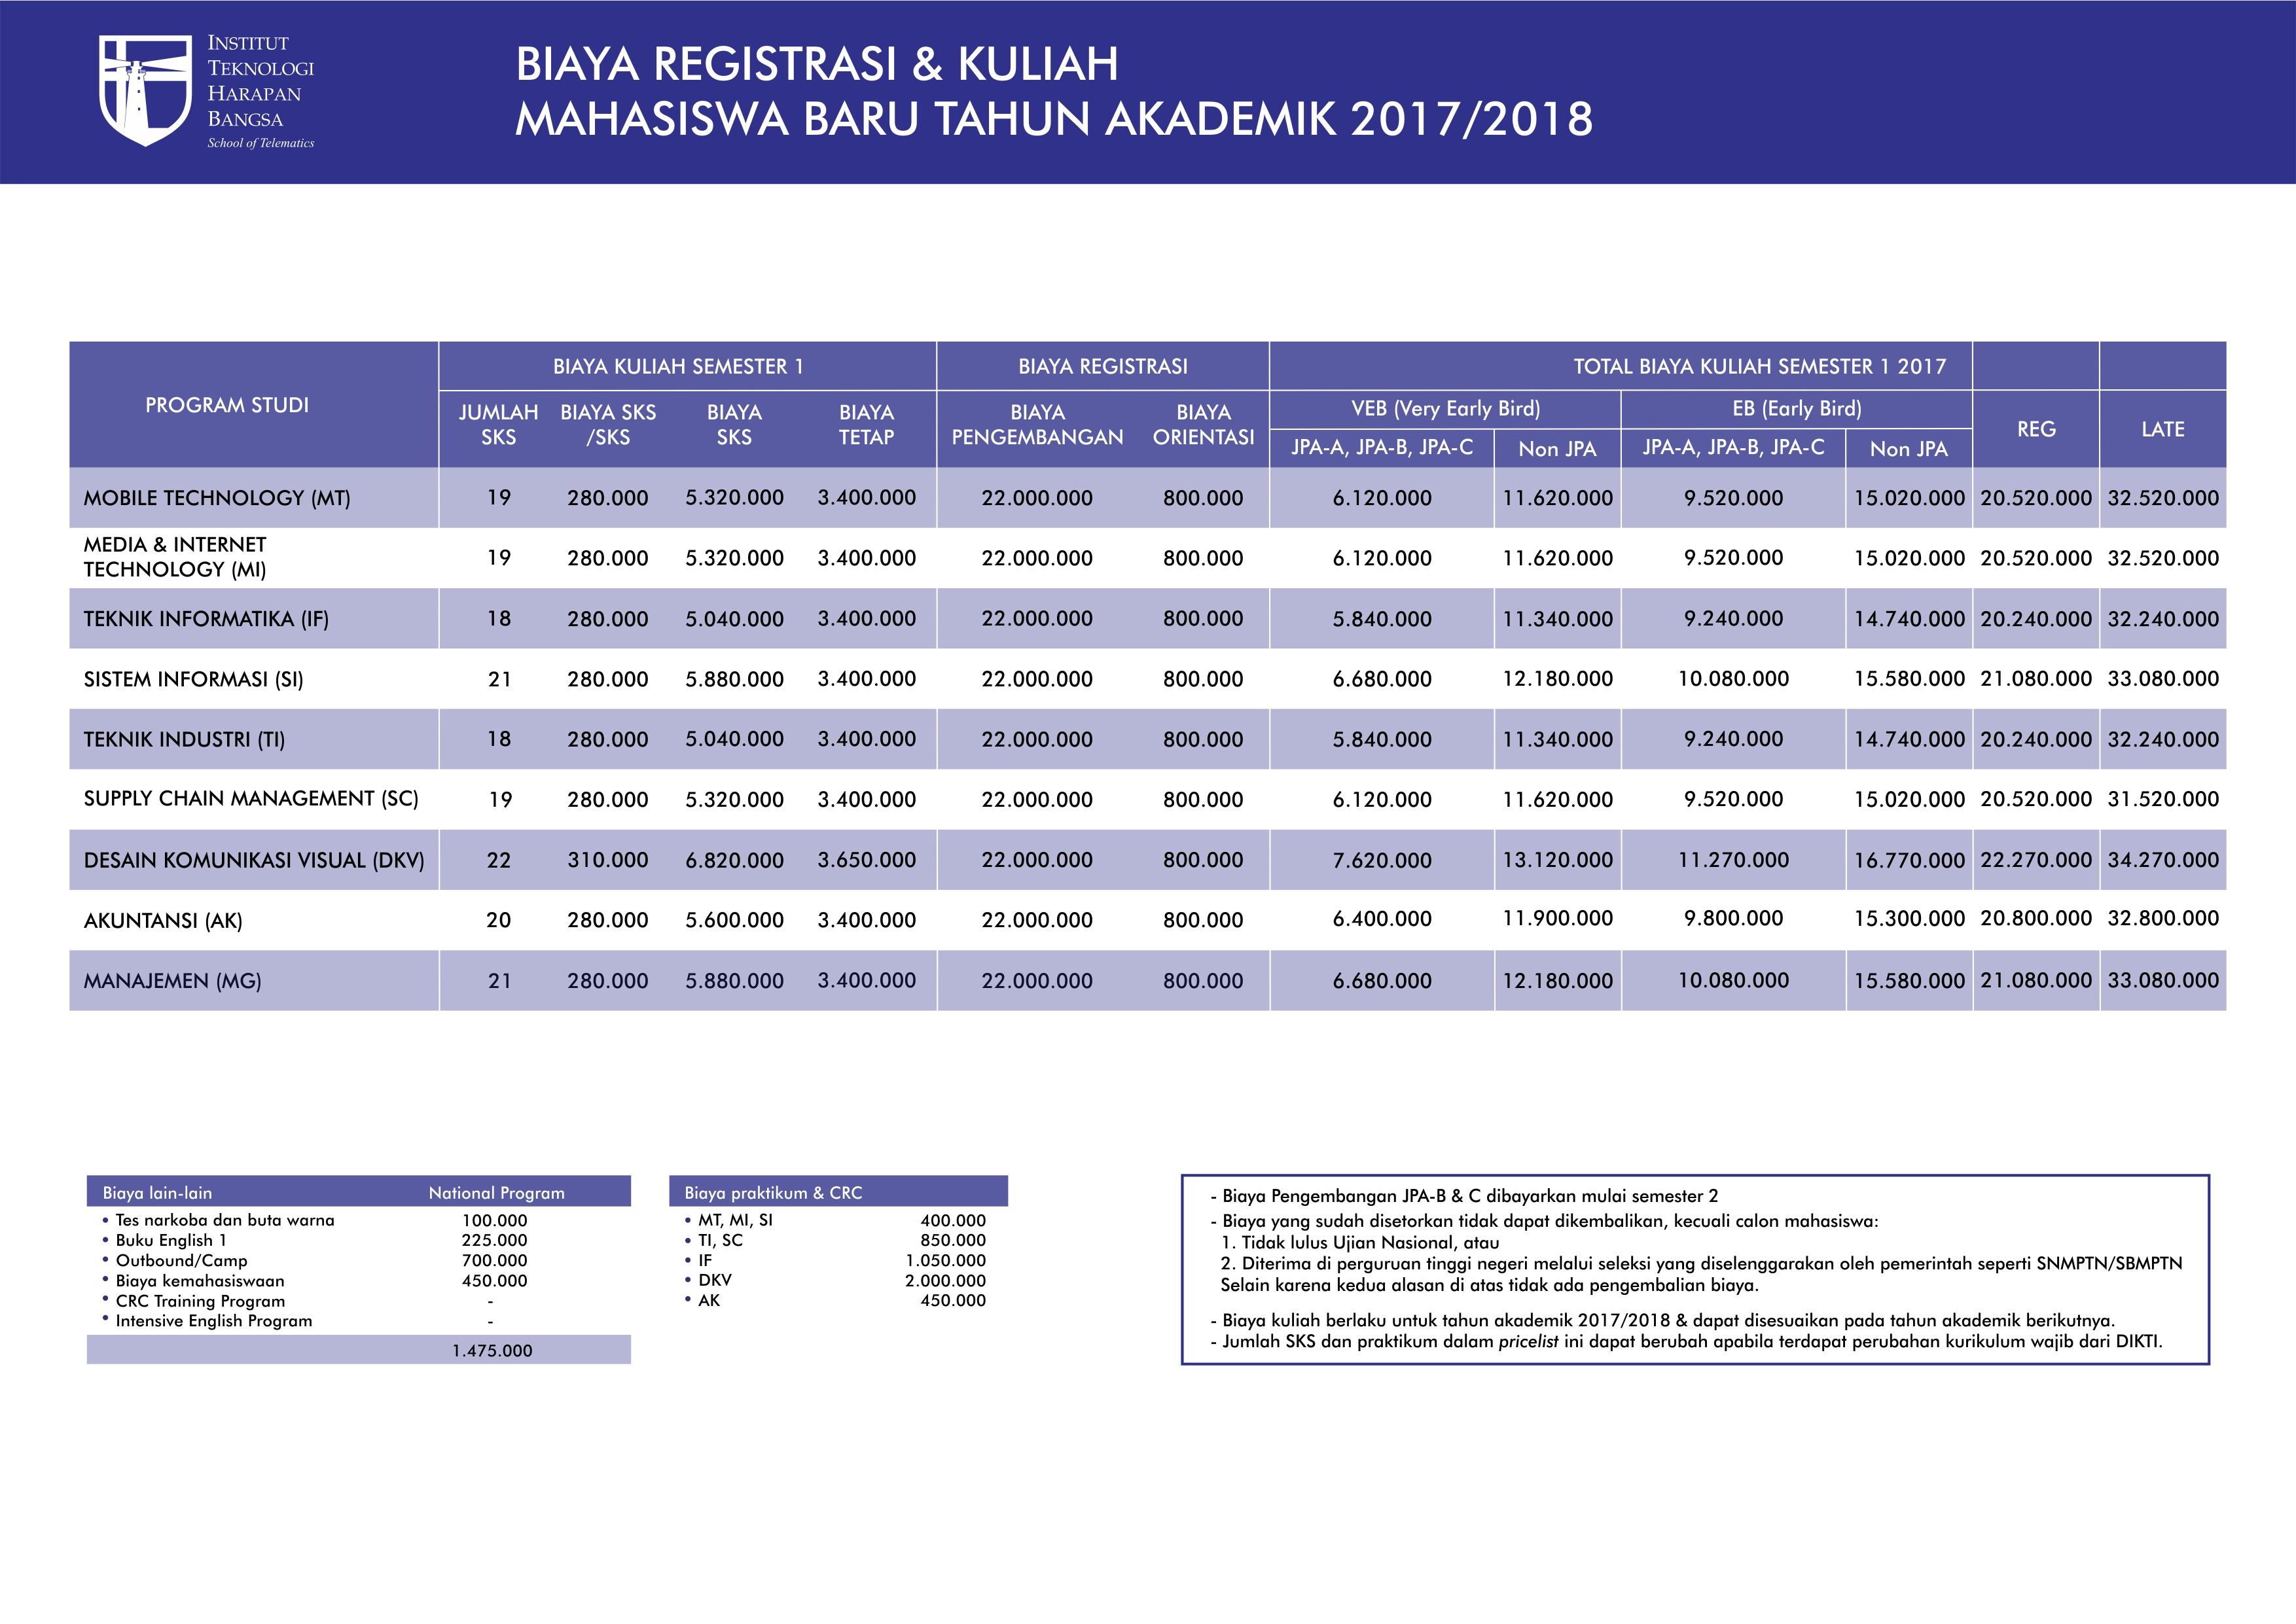 perincian-biaya-ithb-17-18-ha-fa